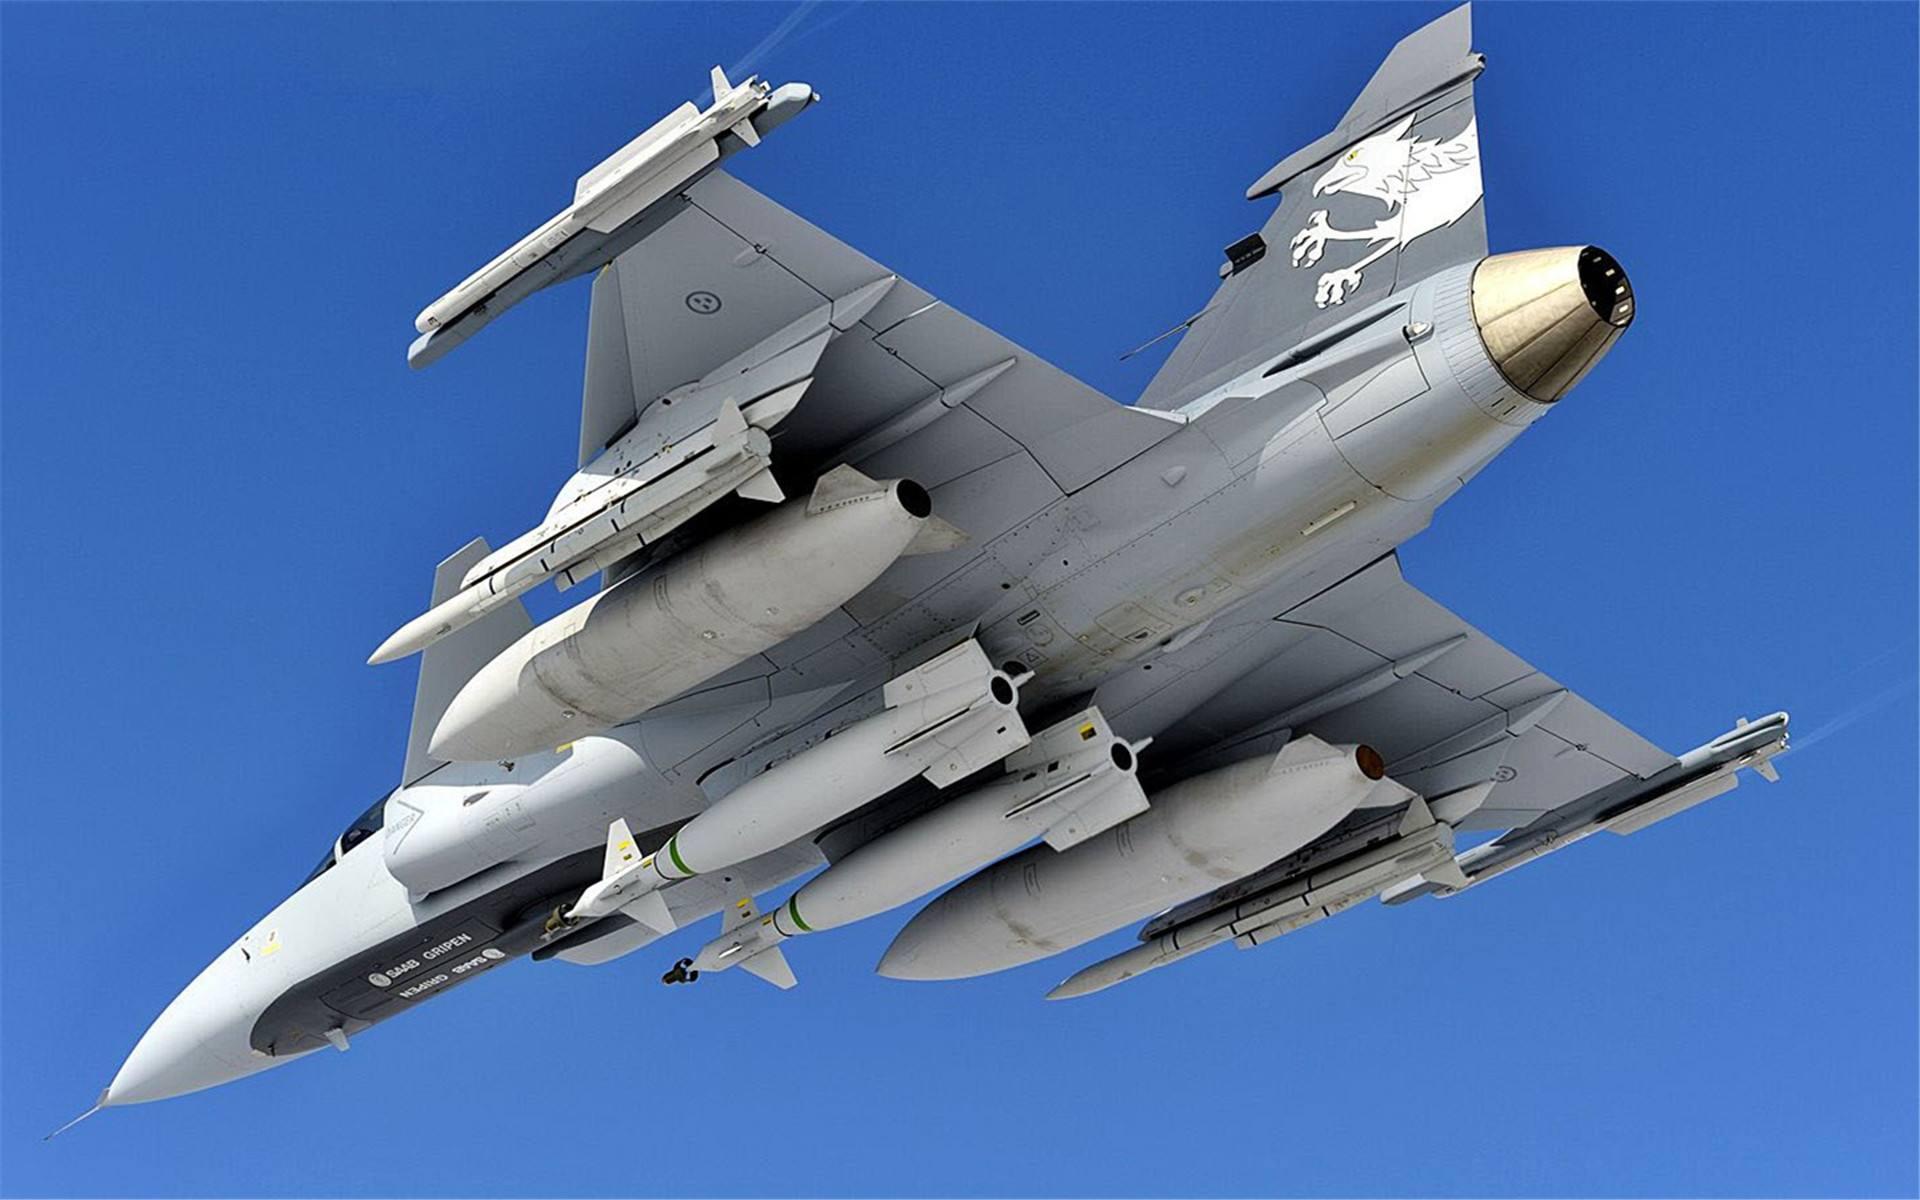 委内瑞拉疑似寻求空中力量,美媒积极吹捧我国歼-10,安的什么心